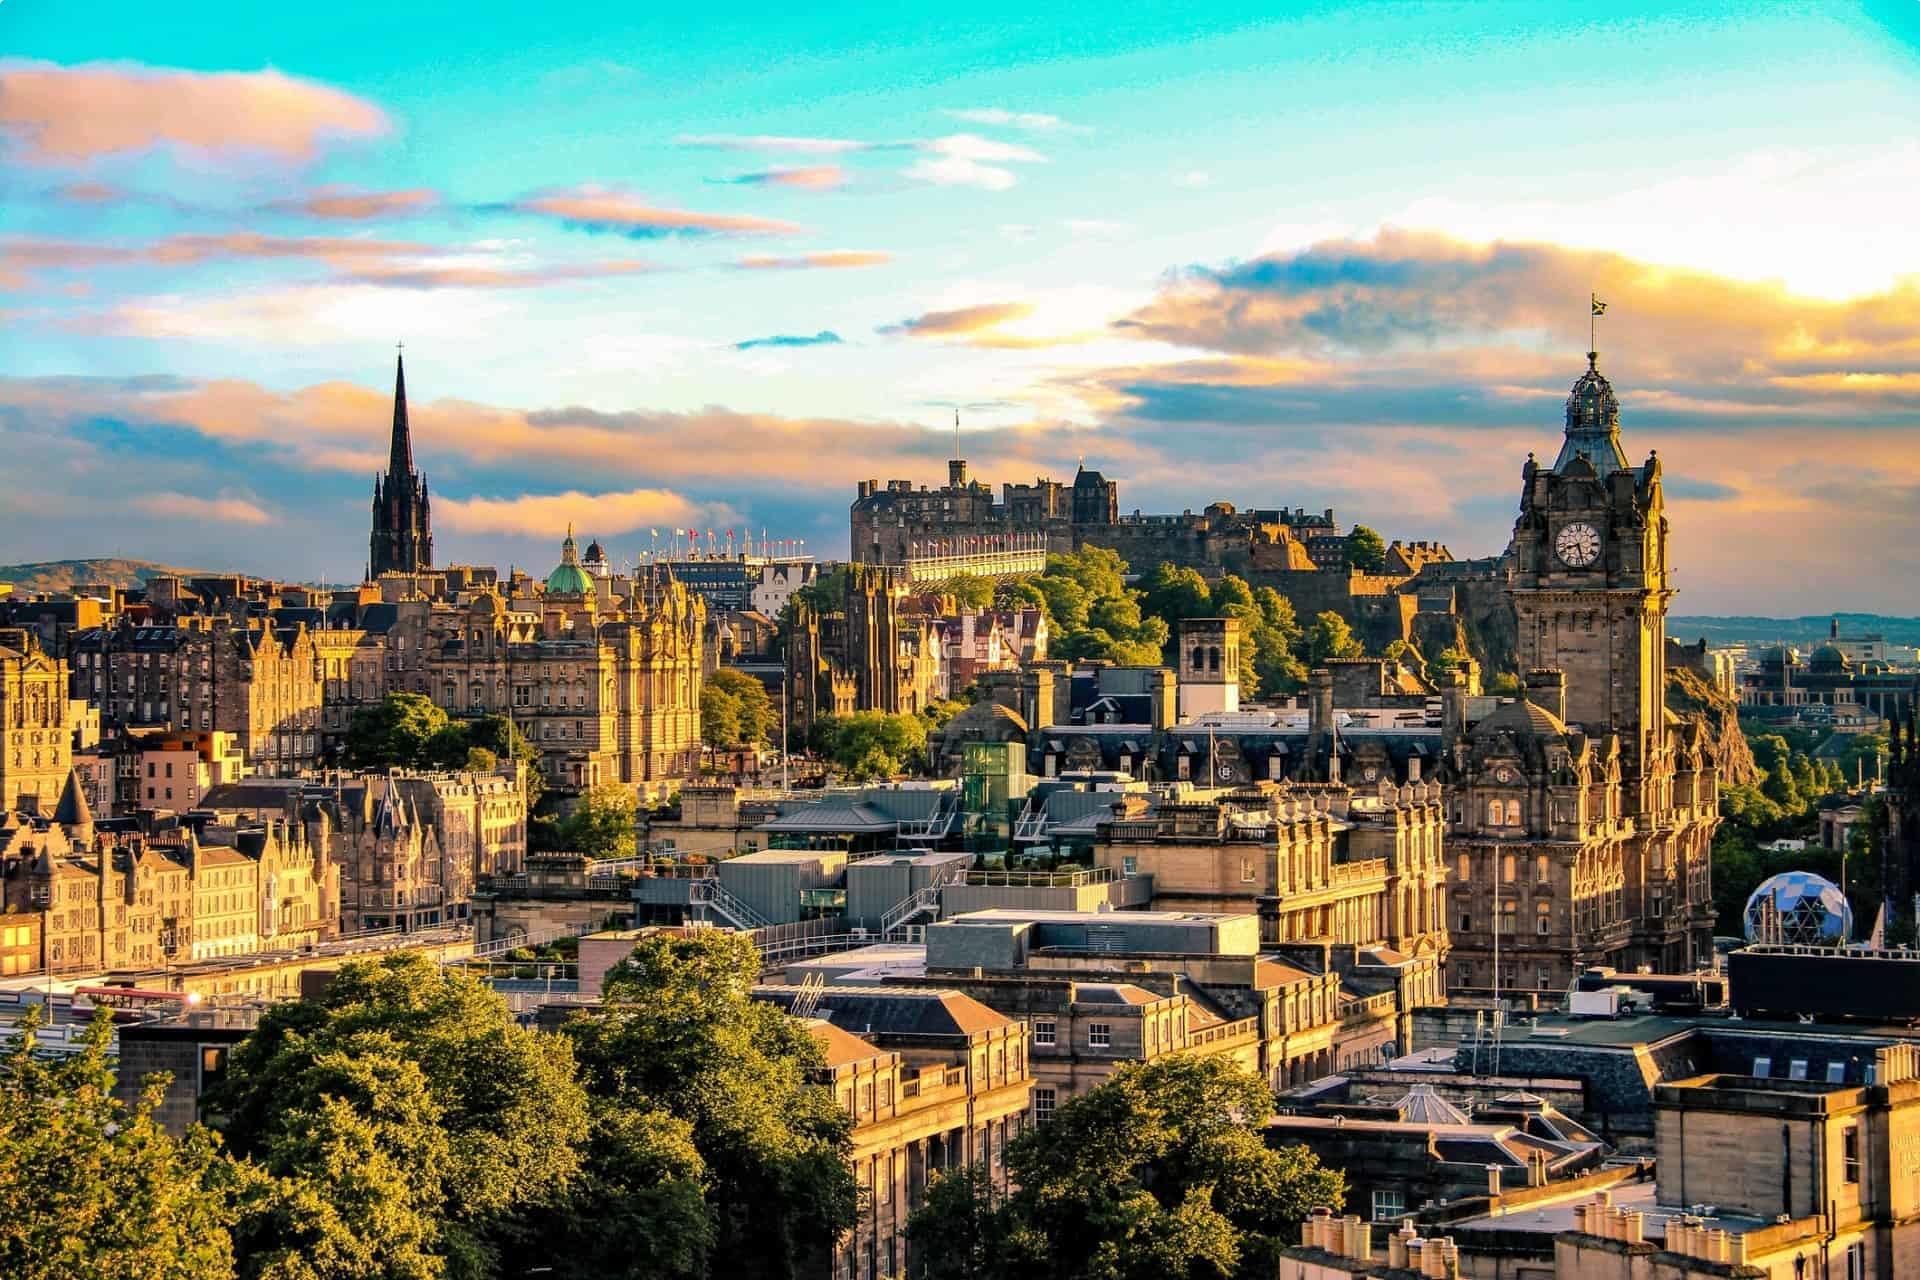 City of Edinburgh at dusk